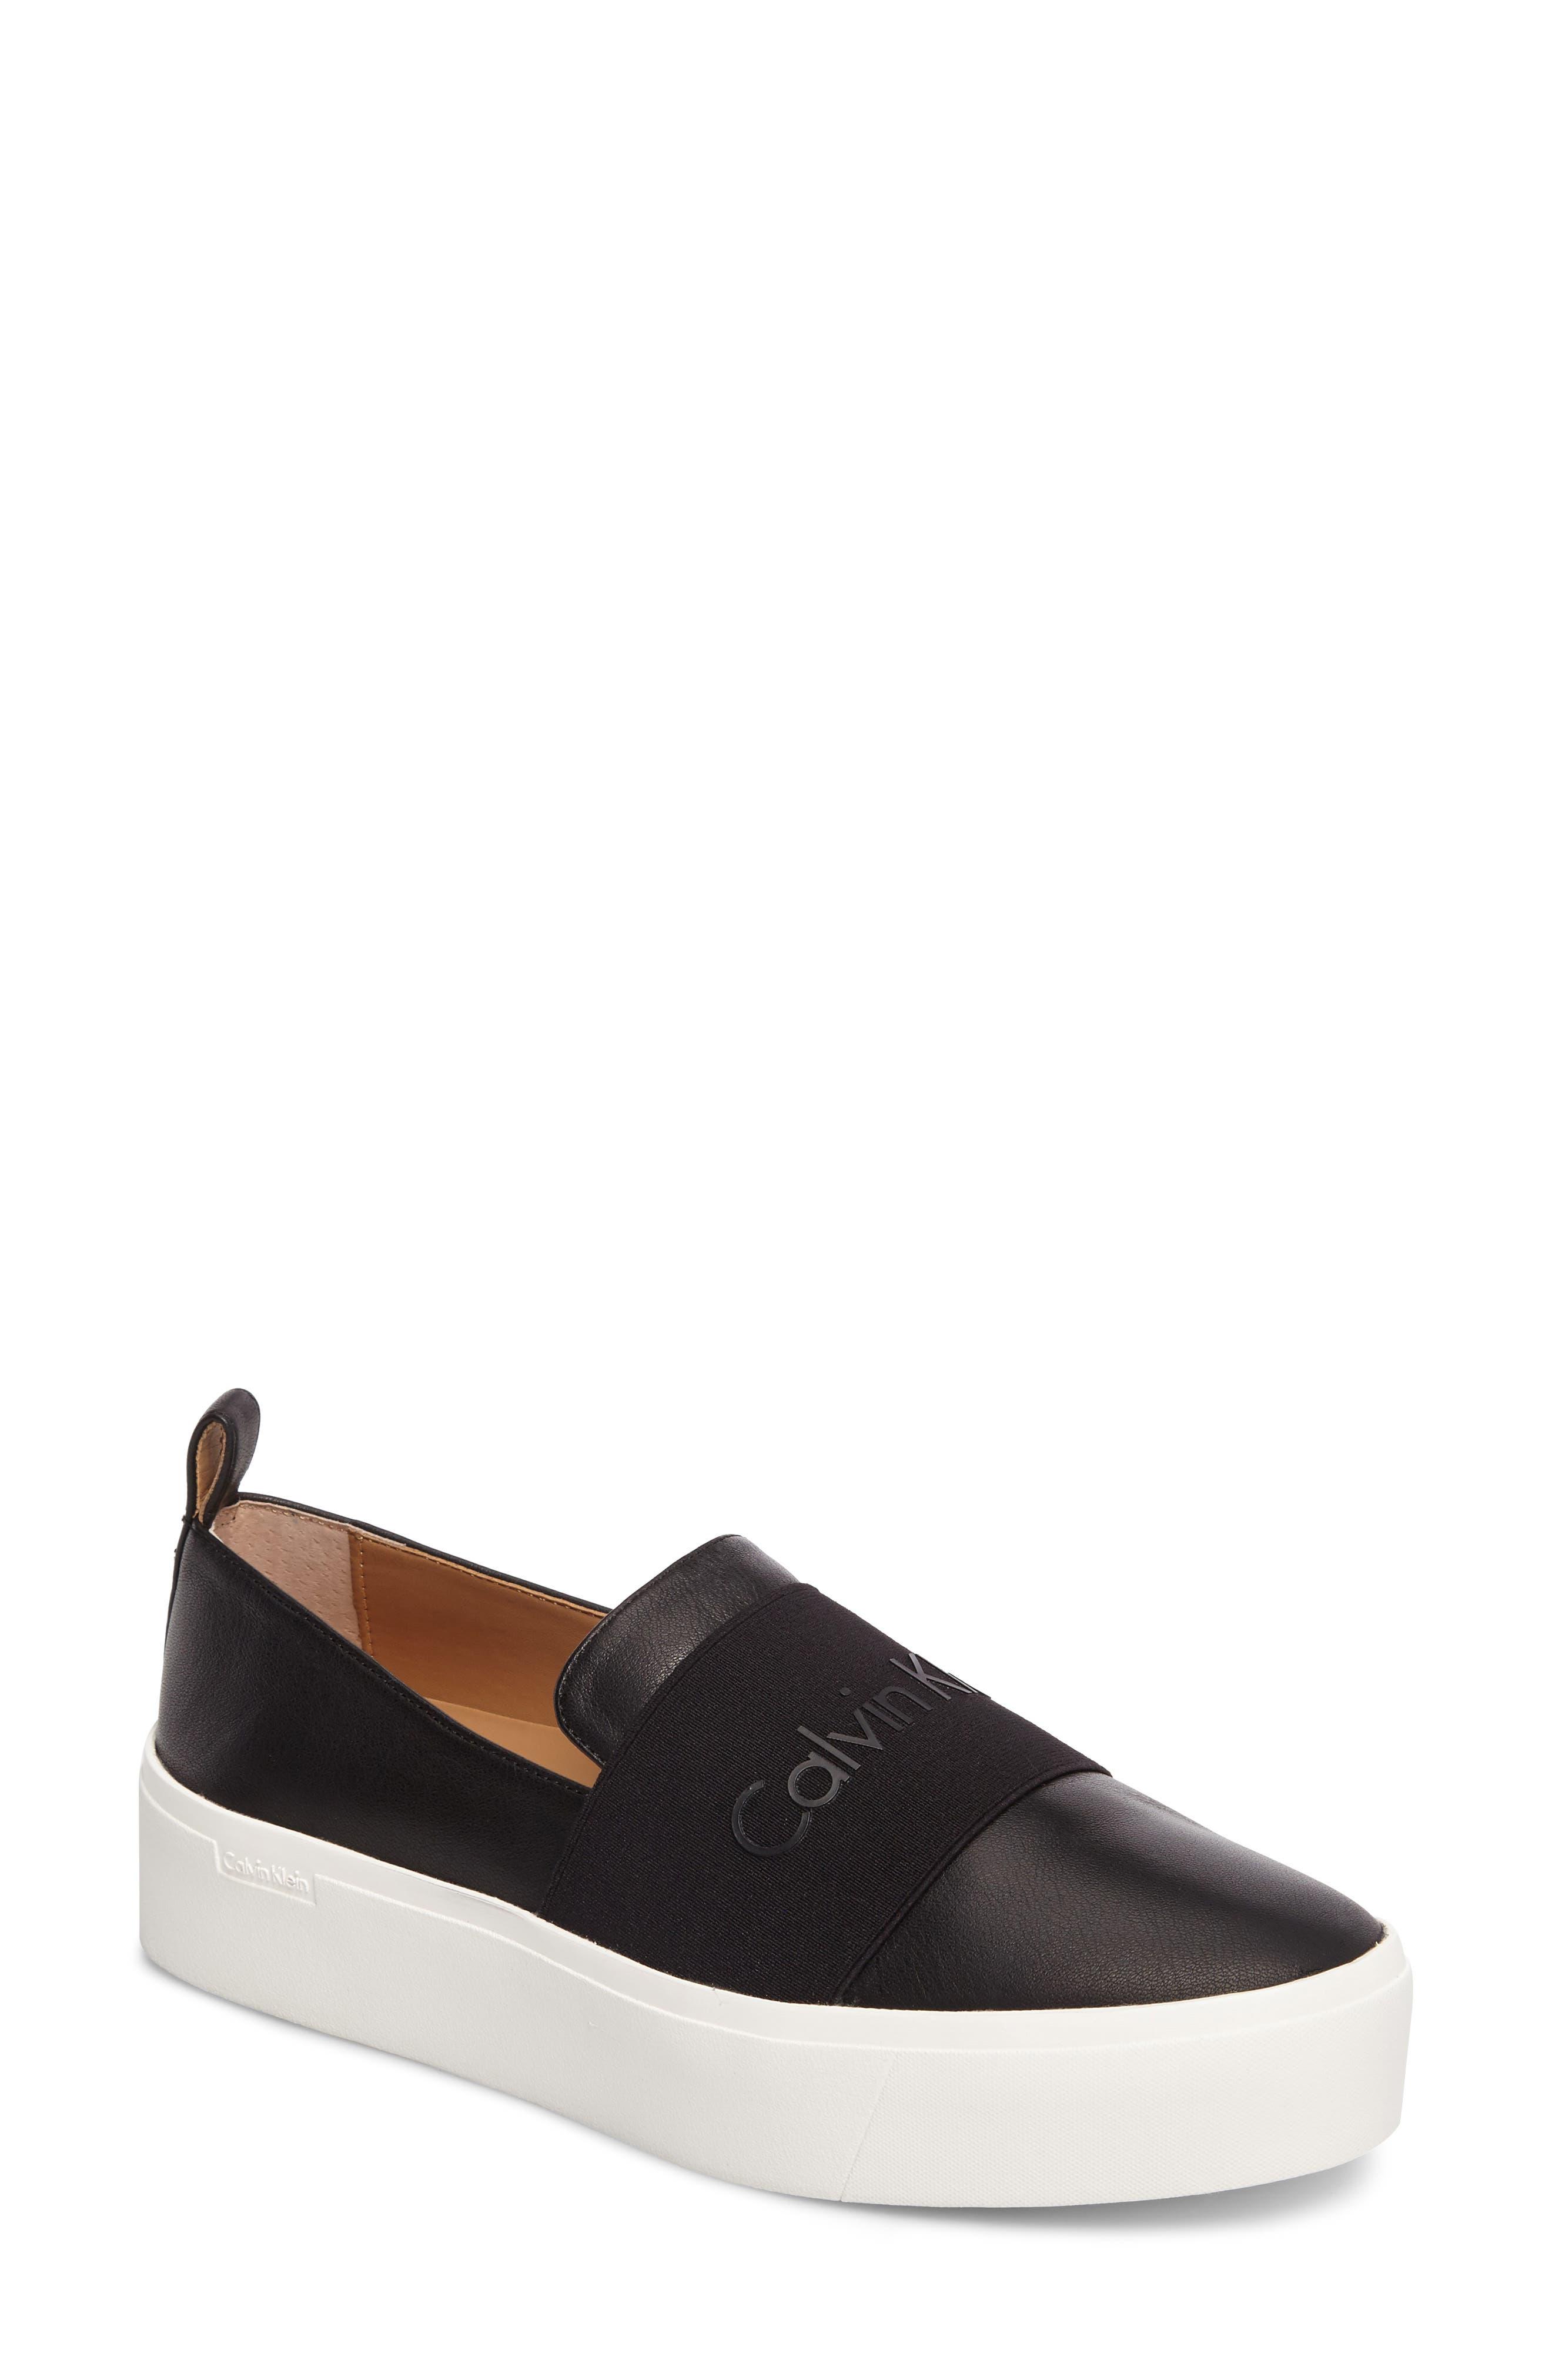 Main Image - Calvin Klein Jacinta Platform Sneaker (Women)